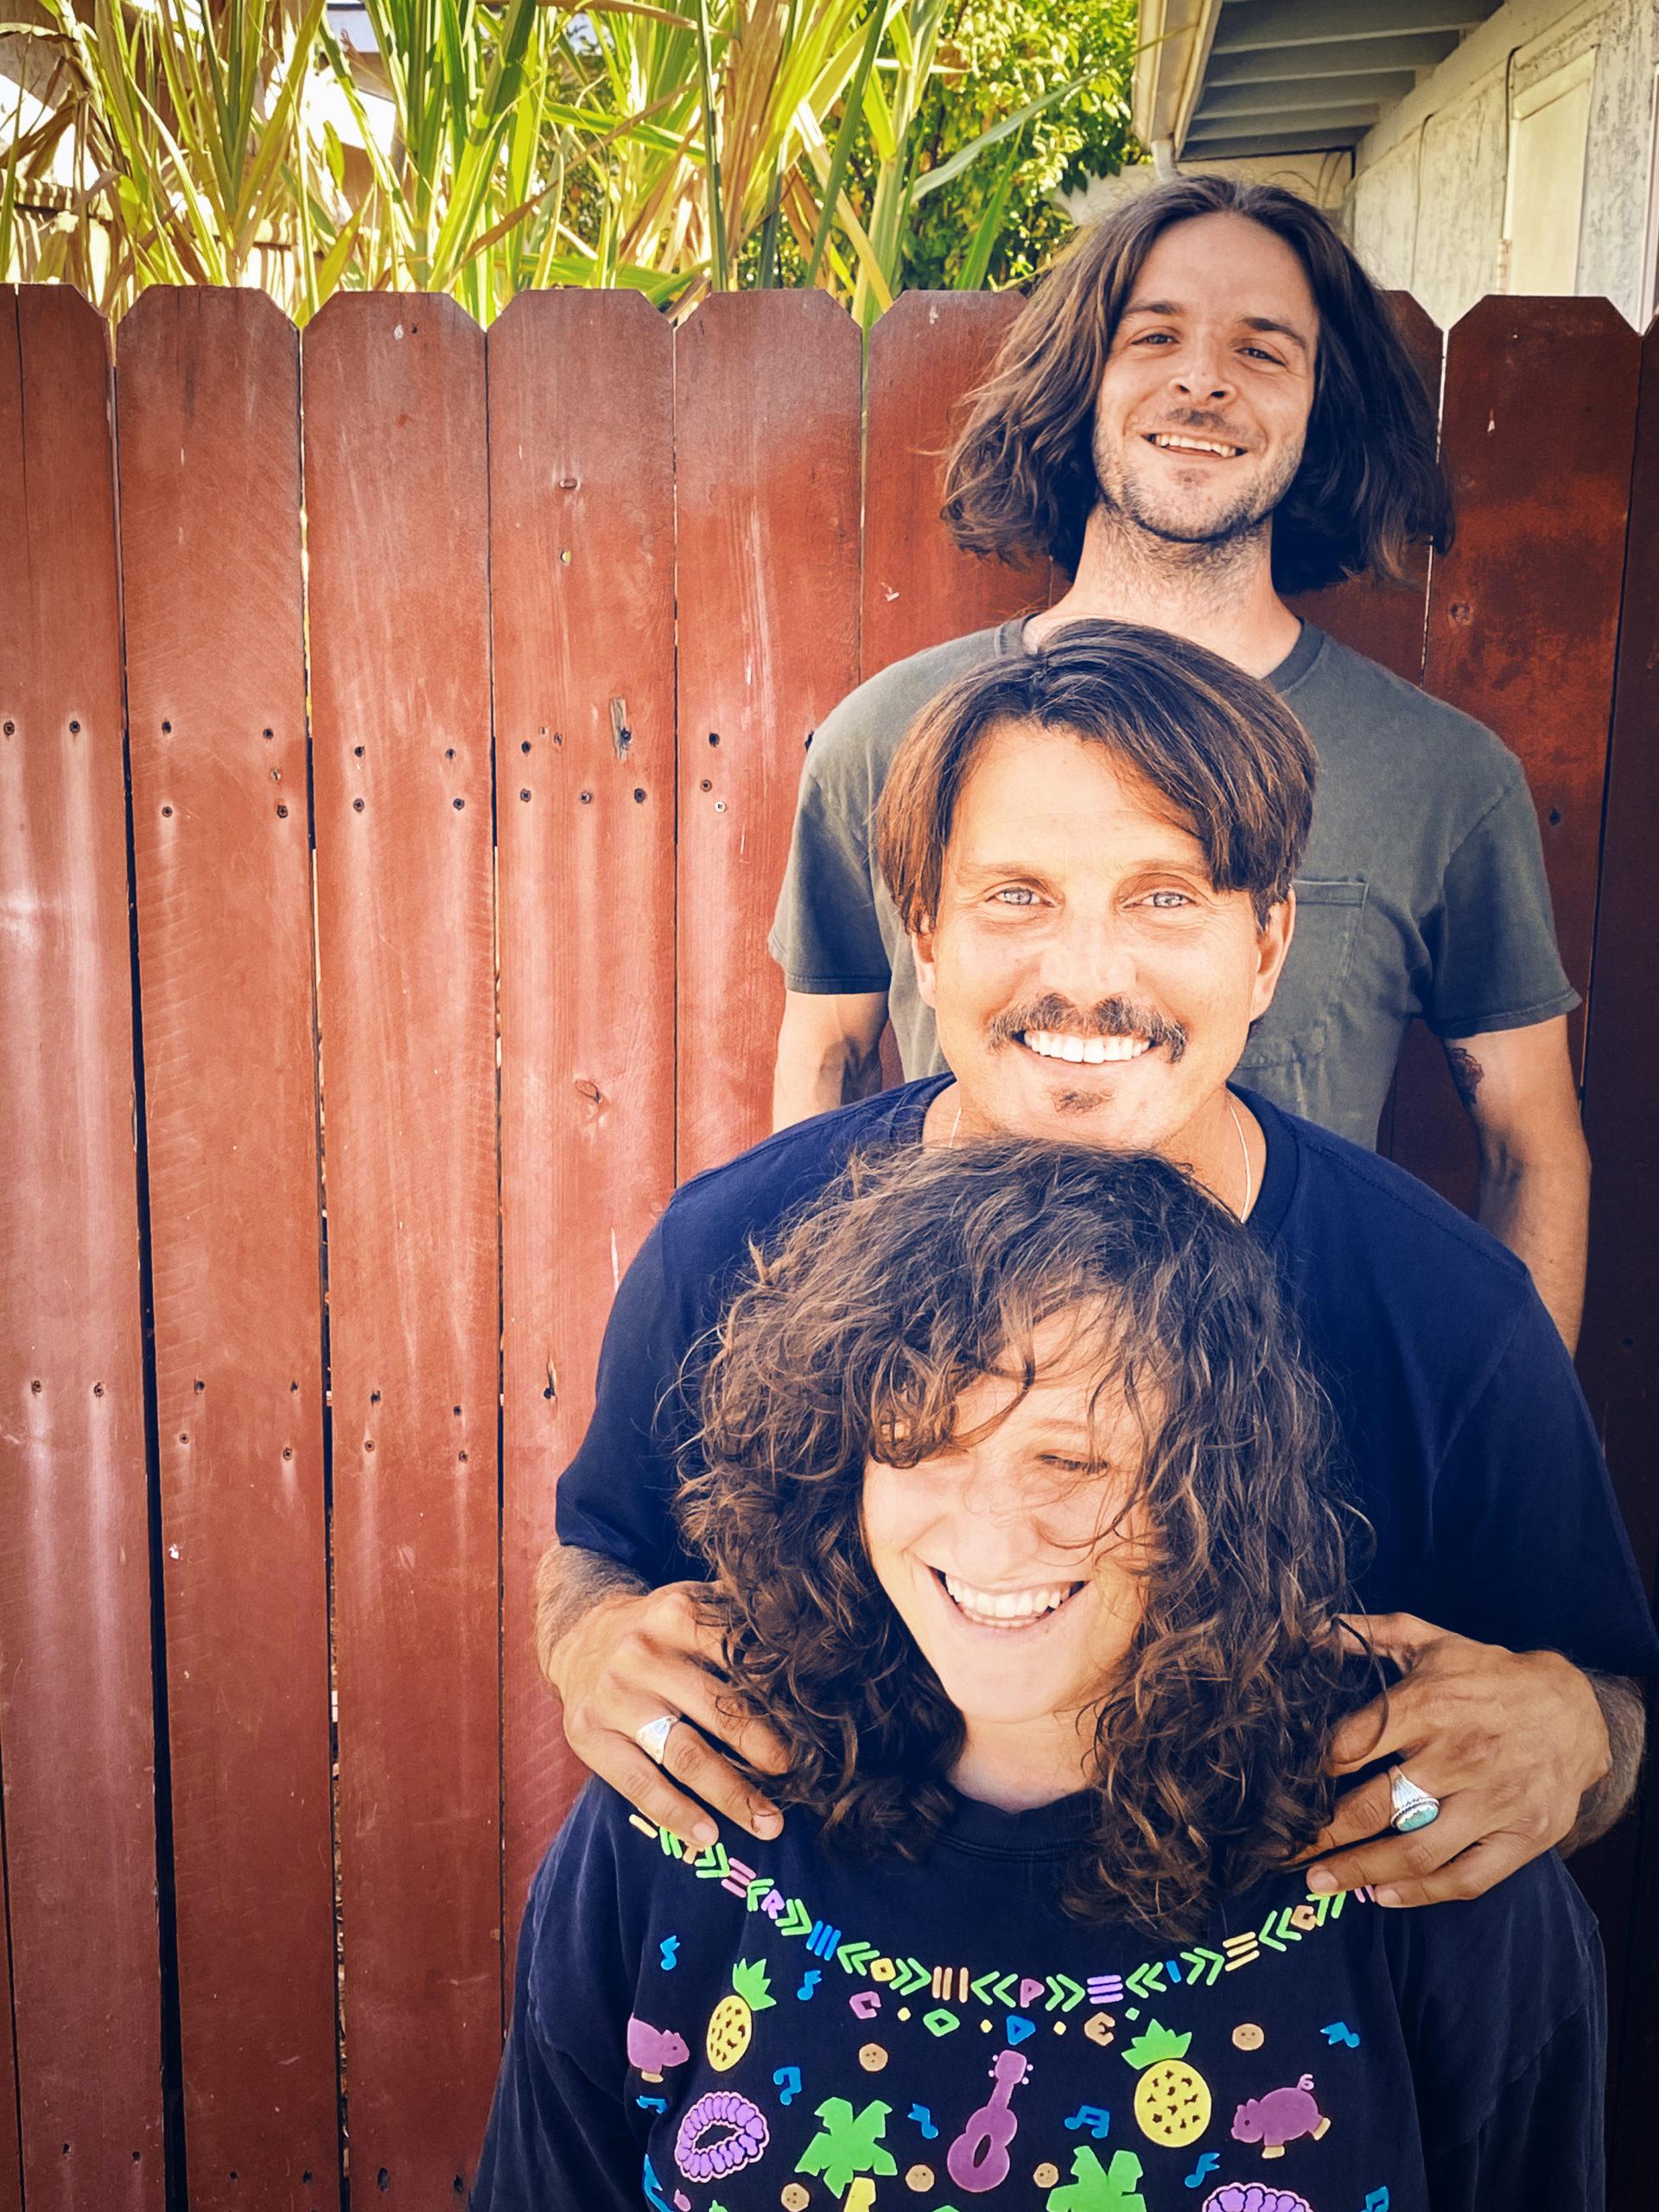 Smiling band photo